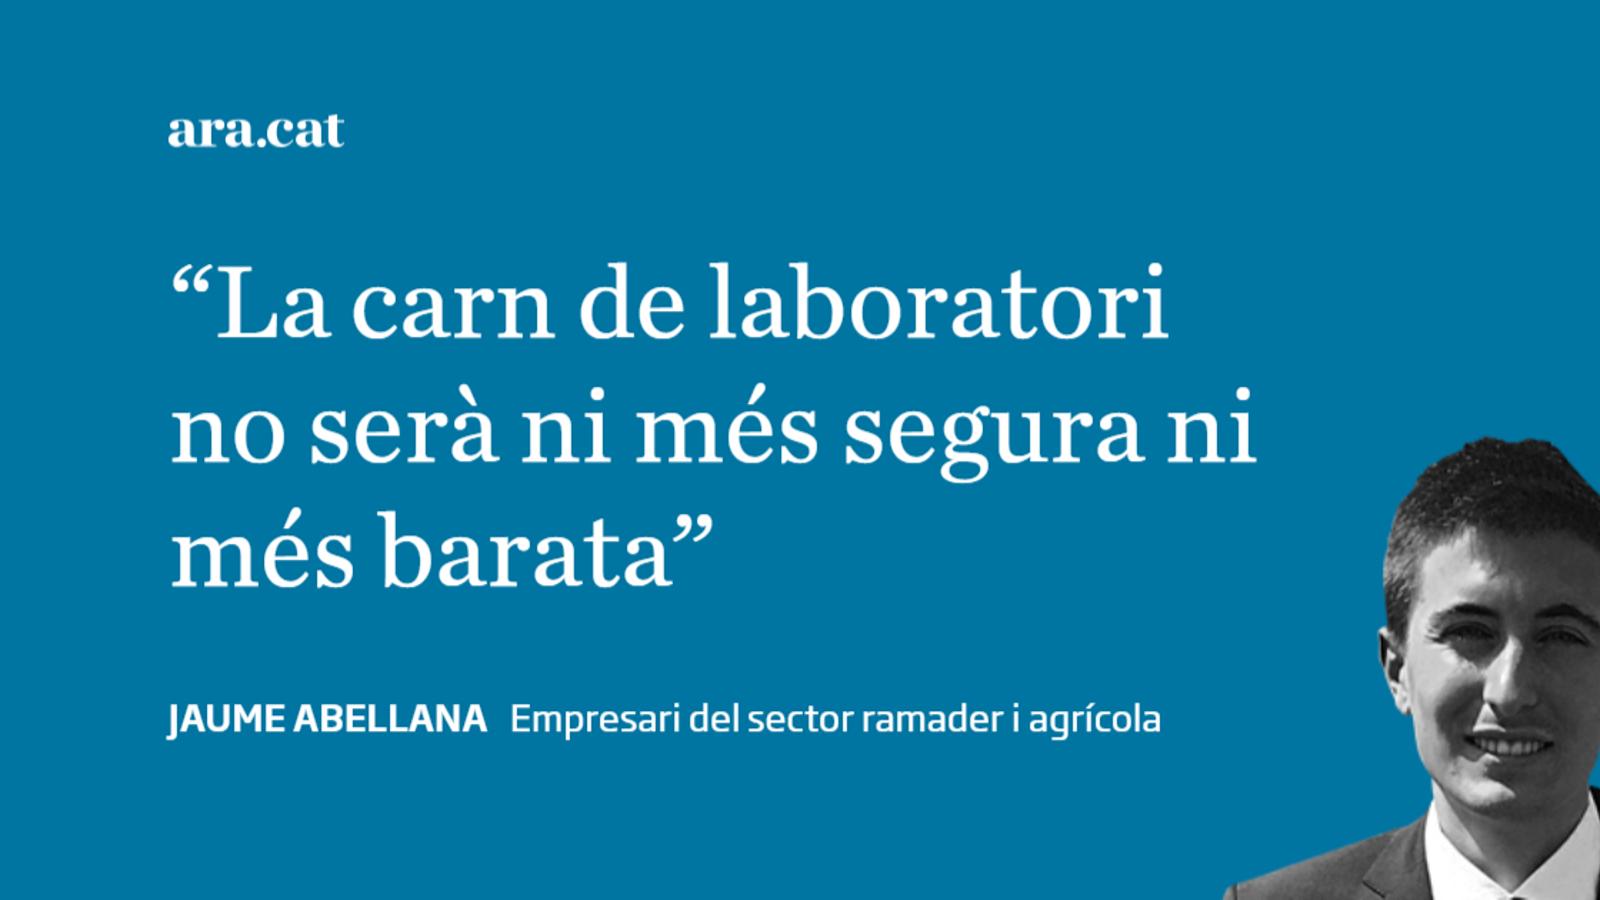 Desmitificant la carn de laboratori